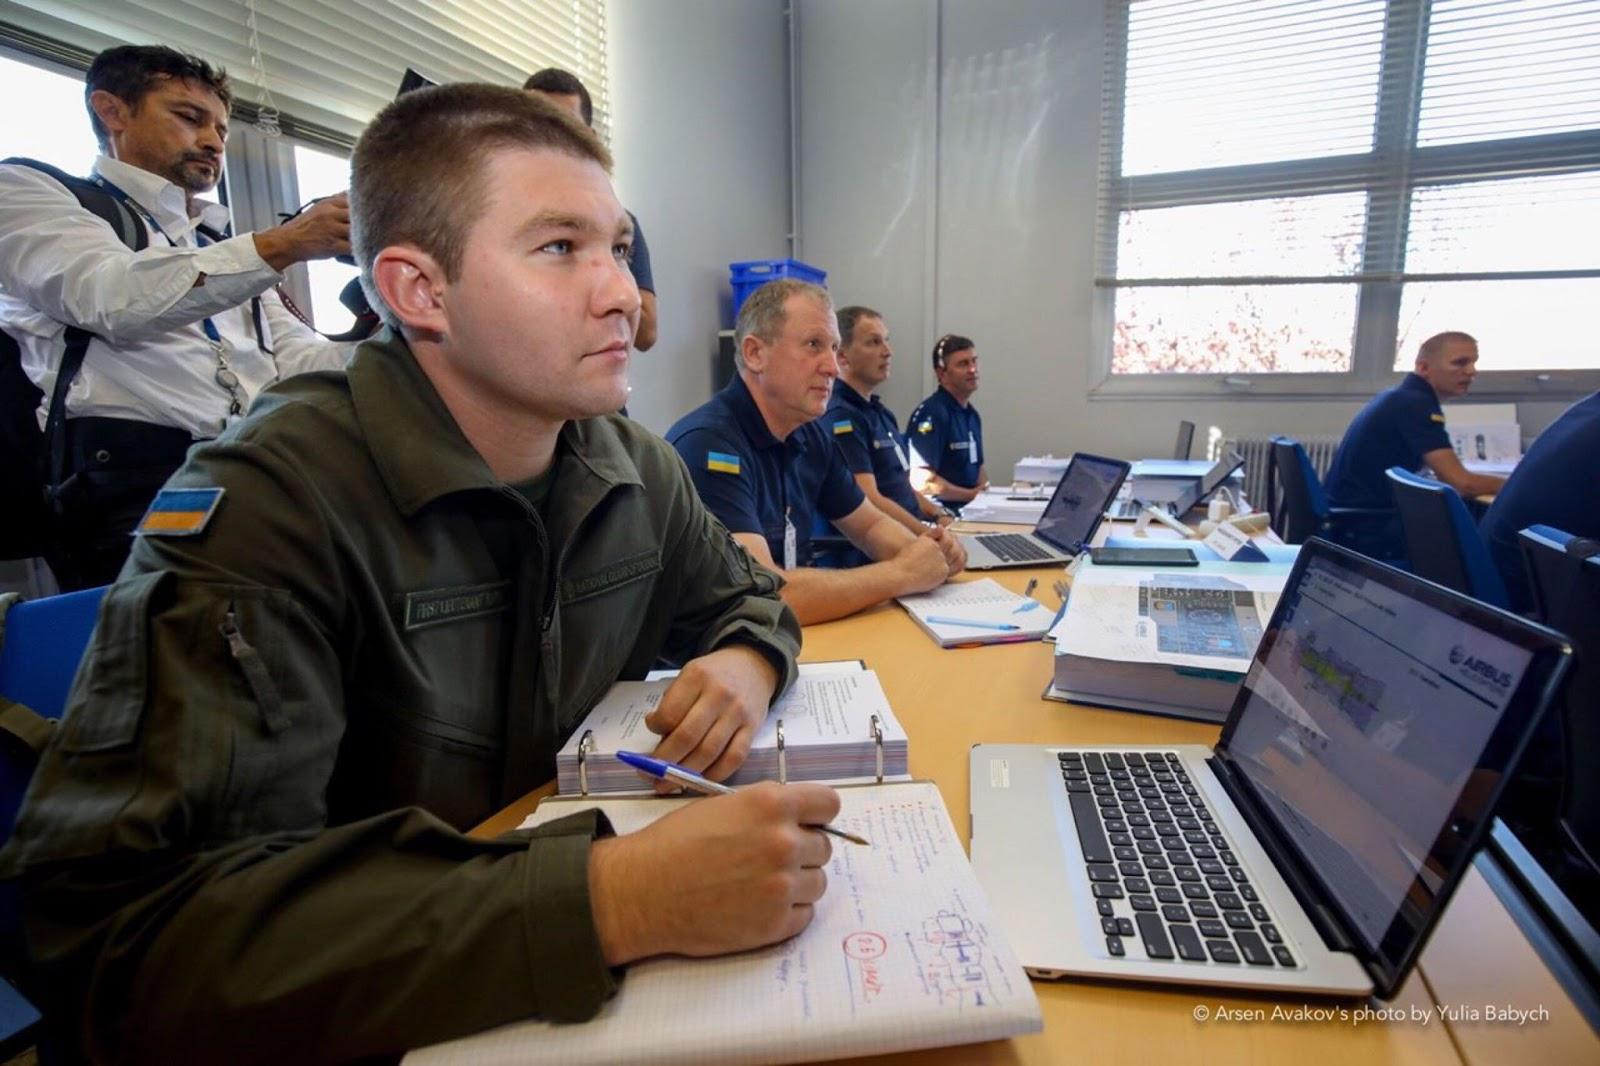 Центр підготовки Airbus вже навчає українських пілотів